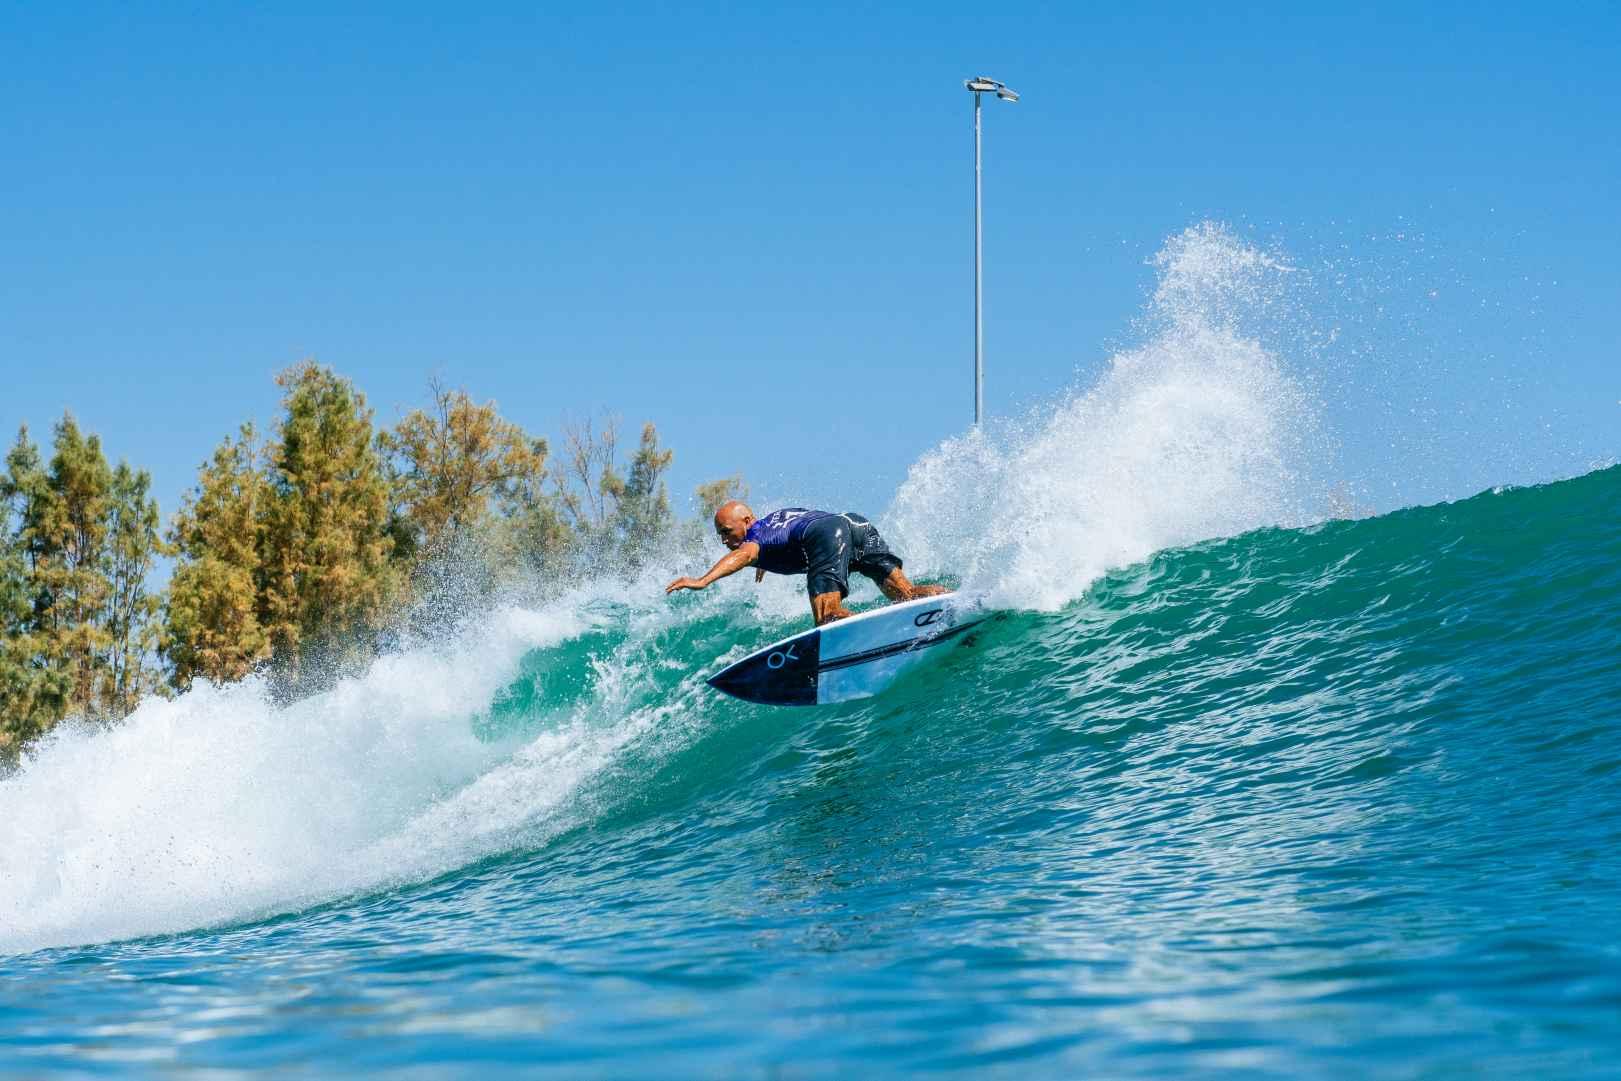 surf30 surf ranch pro 2021 wsl surf Slater K Ranch21 PNN 2380